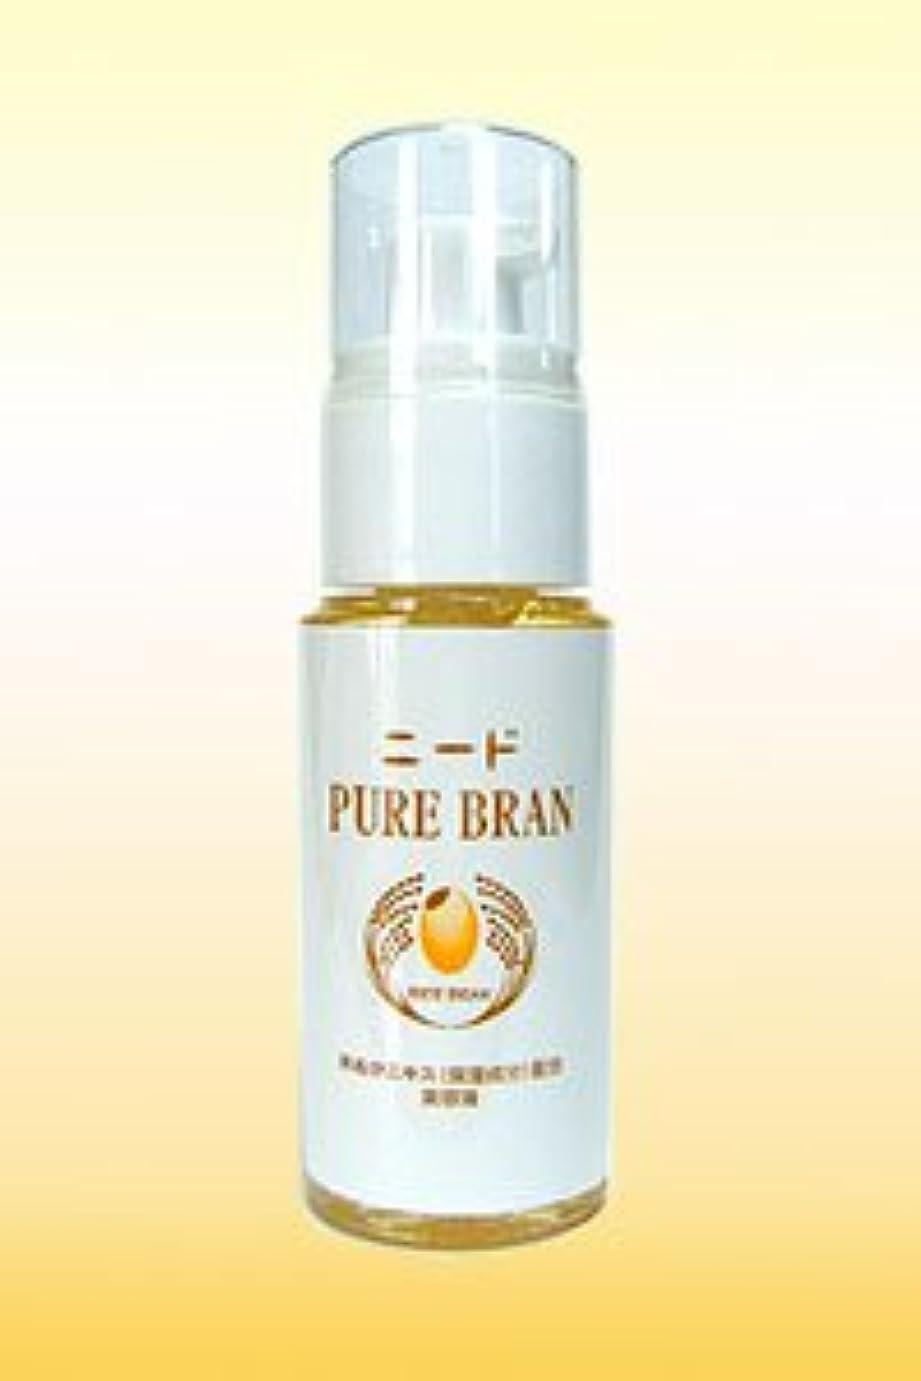 ニードピュアブラン美容液(50ml)お米の国ならではの米ぬか化粧品ができました